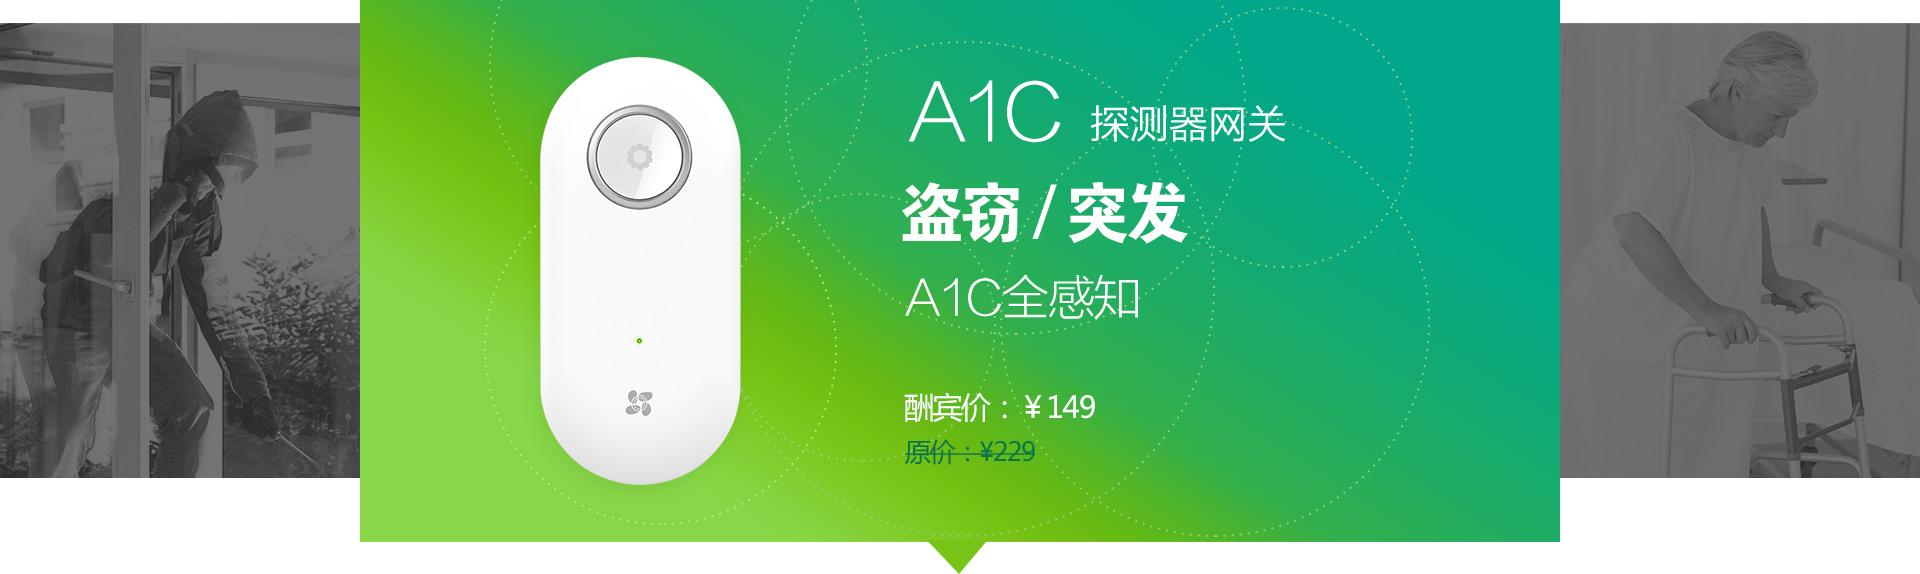 A1CPC.jpg